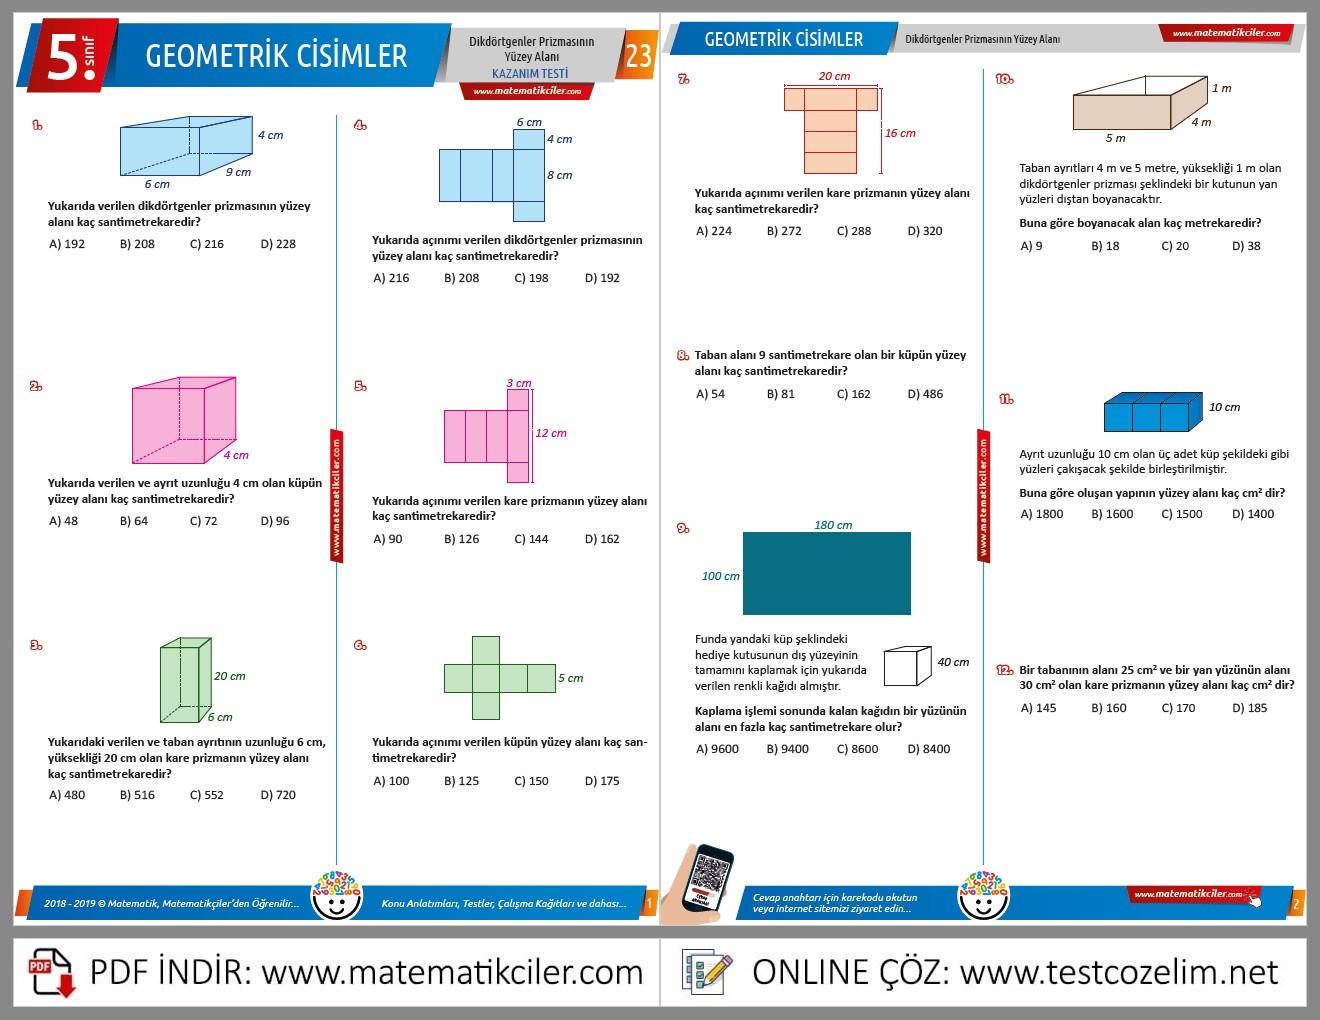 5. Sınıf Geometrik Cisimler Testi